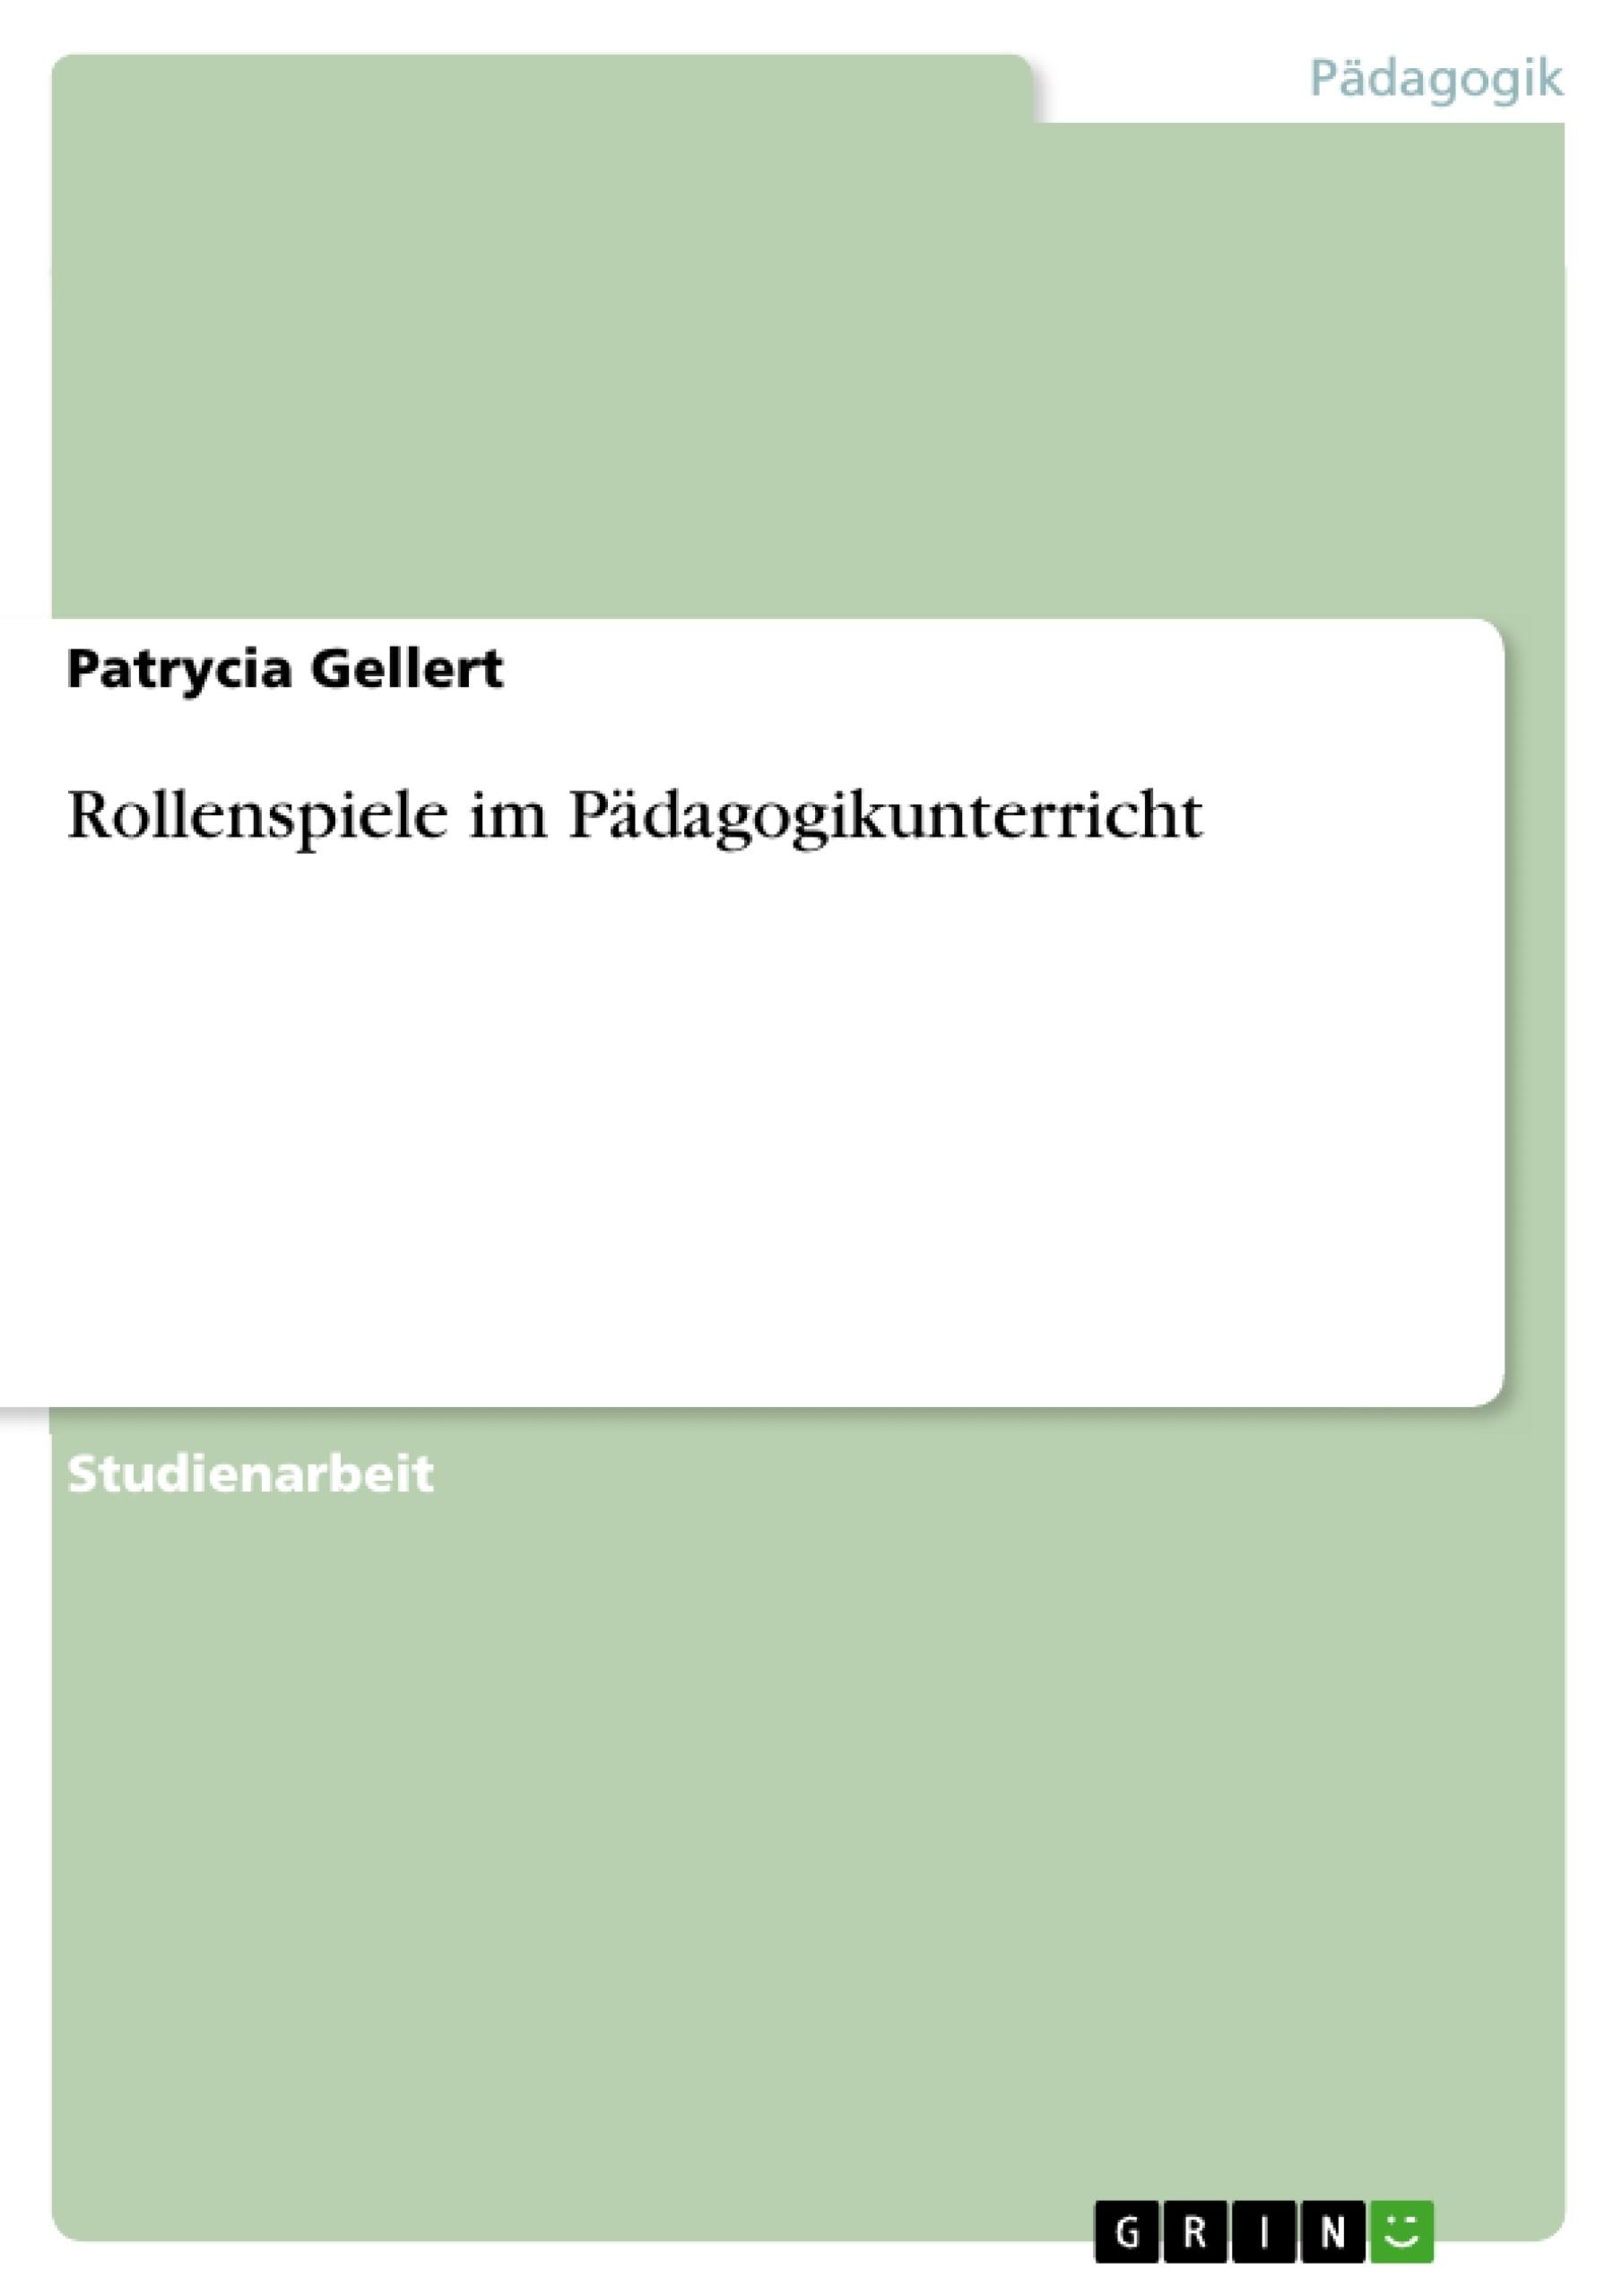 Titel: Rollenspiele im Pädagogikunterricht